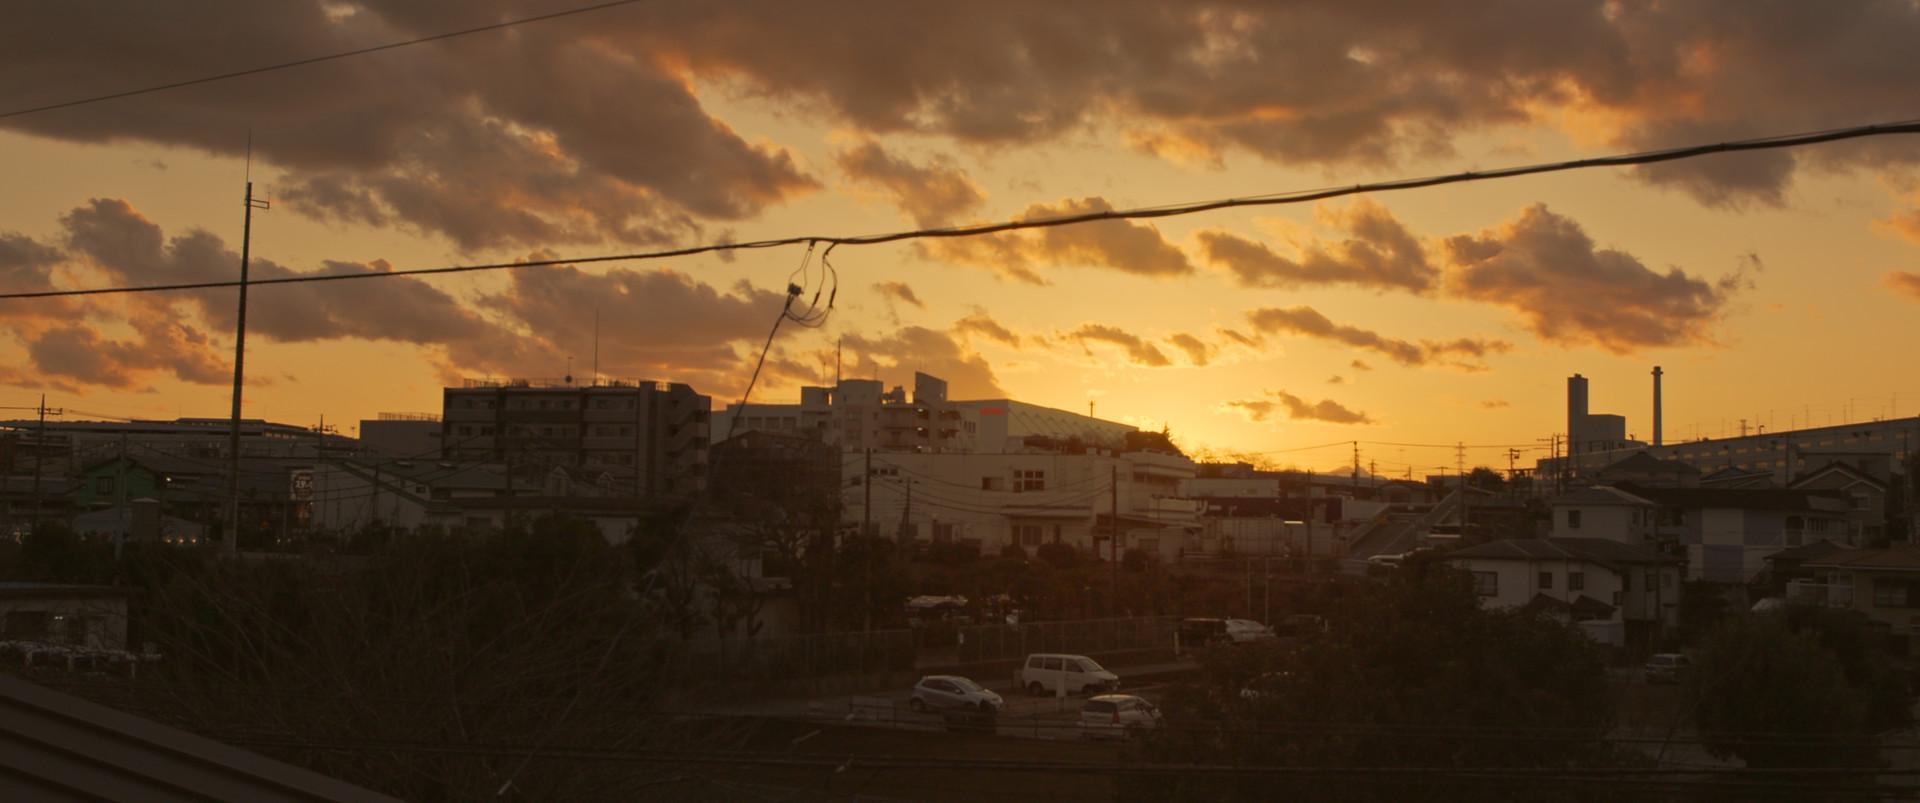 sunset_Japan.jpg